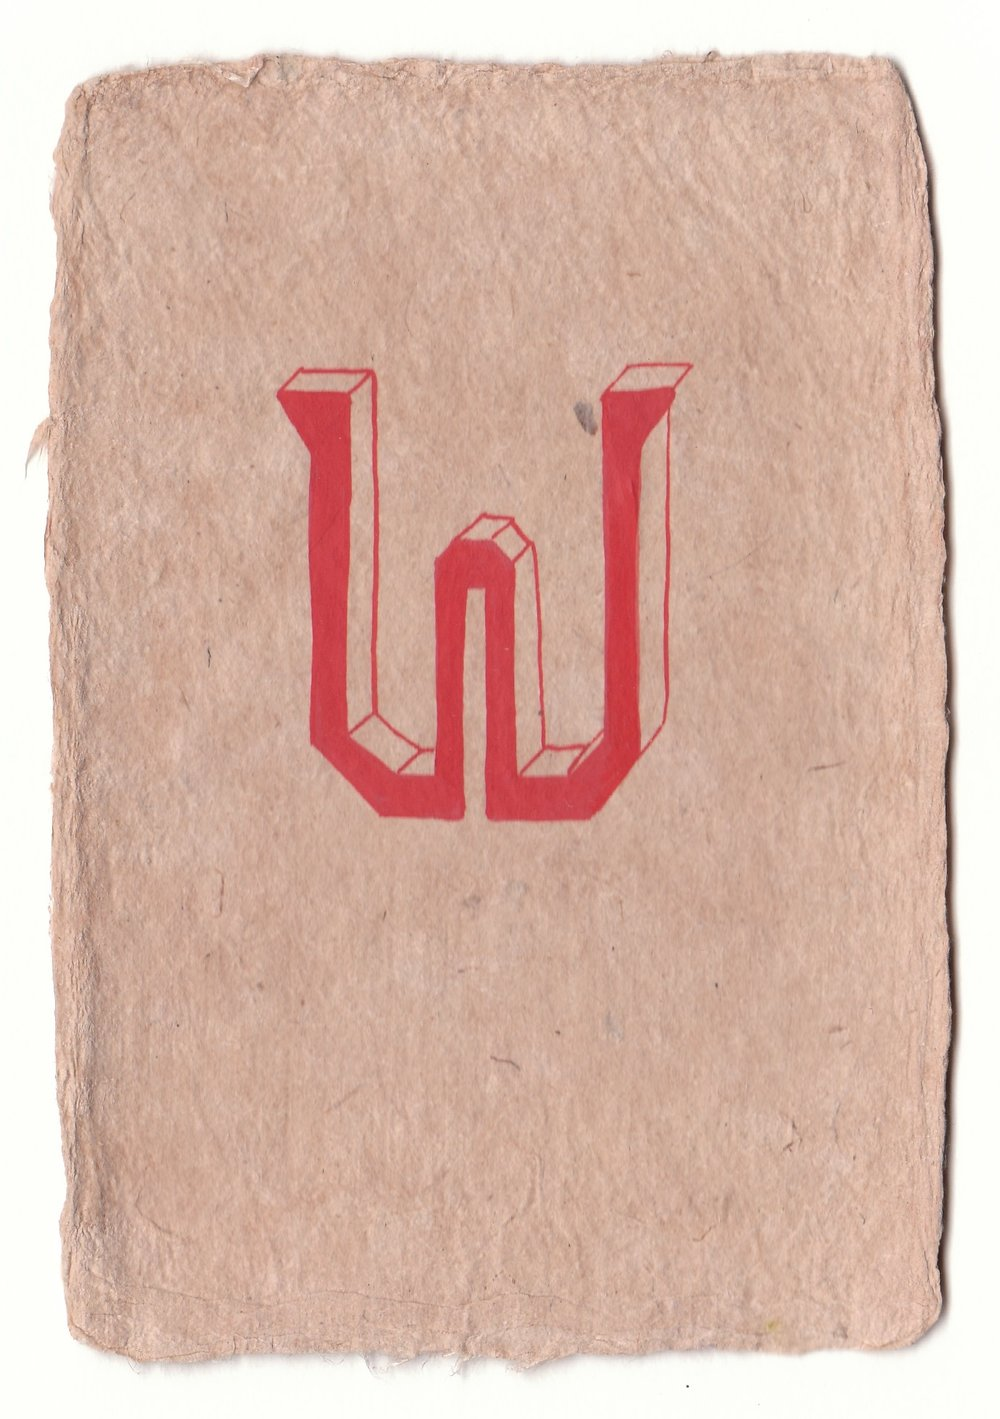 W in Red.jpg